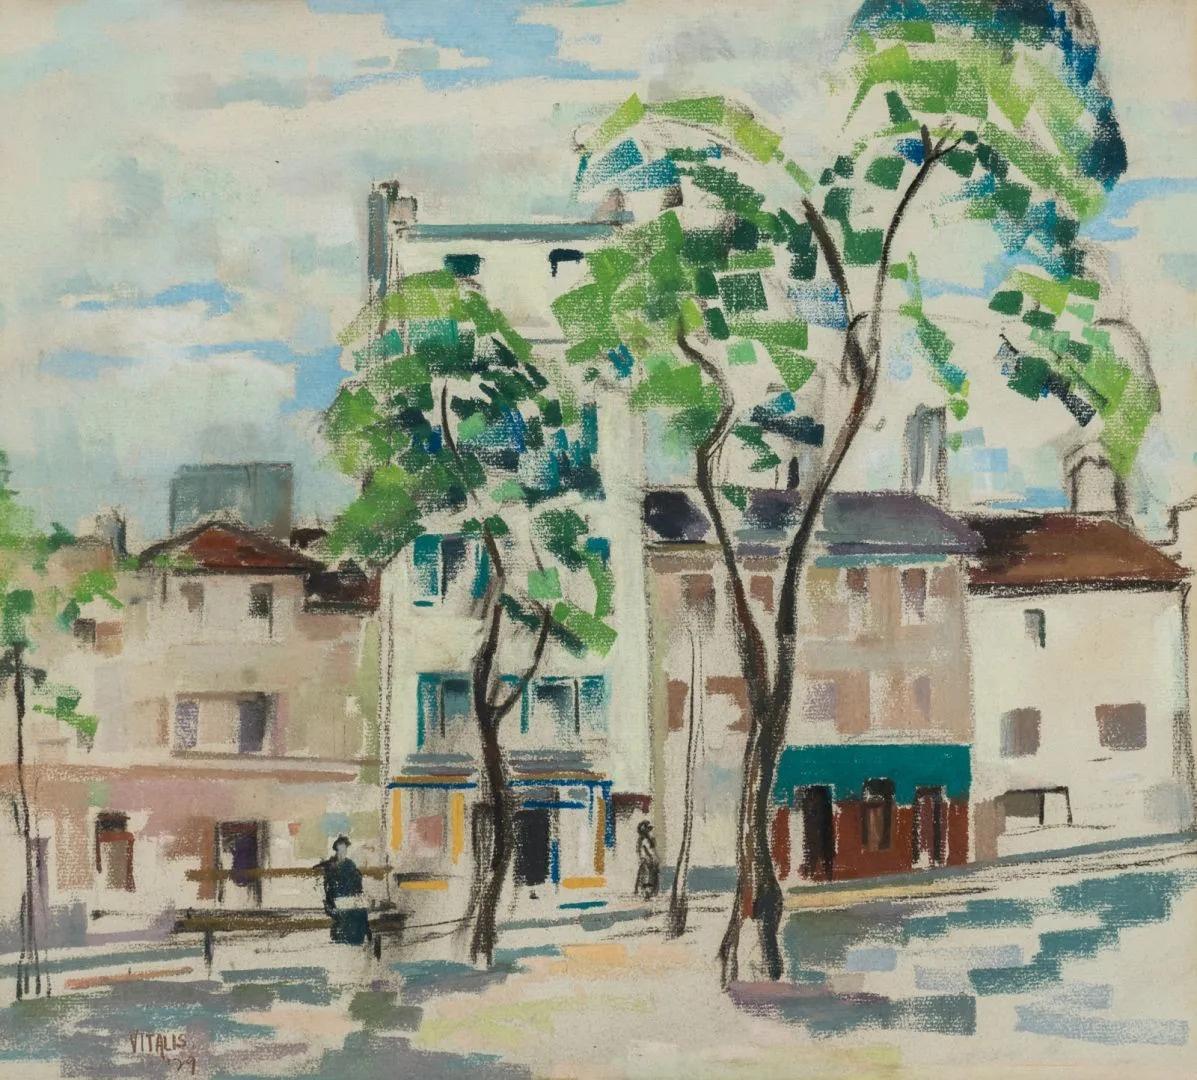 1929-3-Sur-le-banc-rue-animée